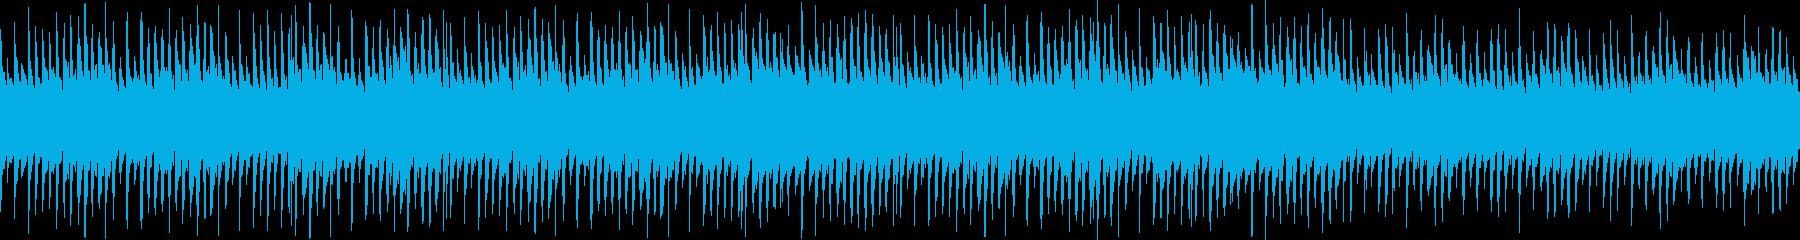 ピアノとマリンバのポップなループ曲の再生済みの波形